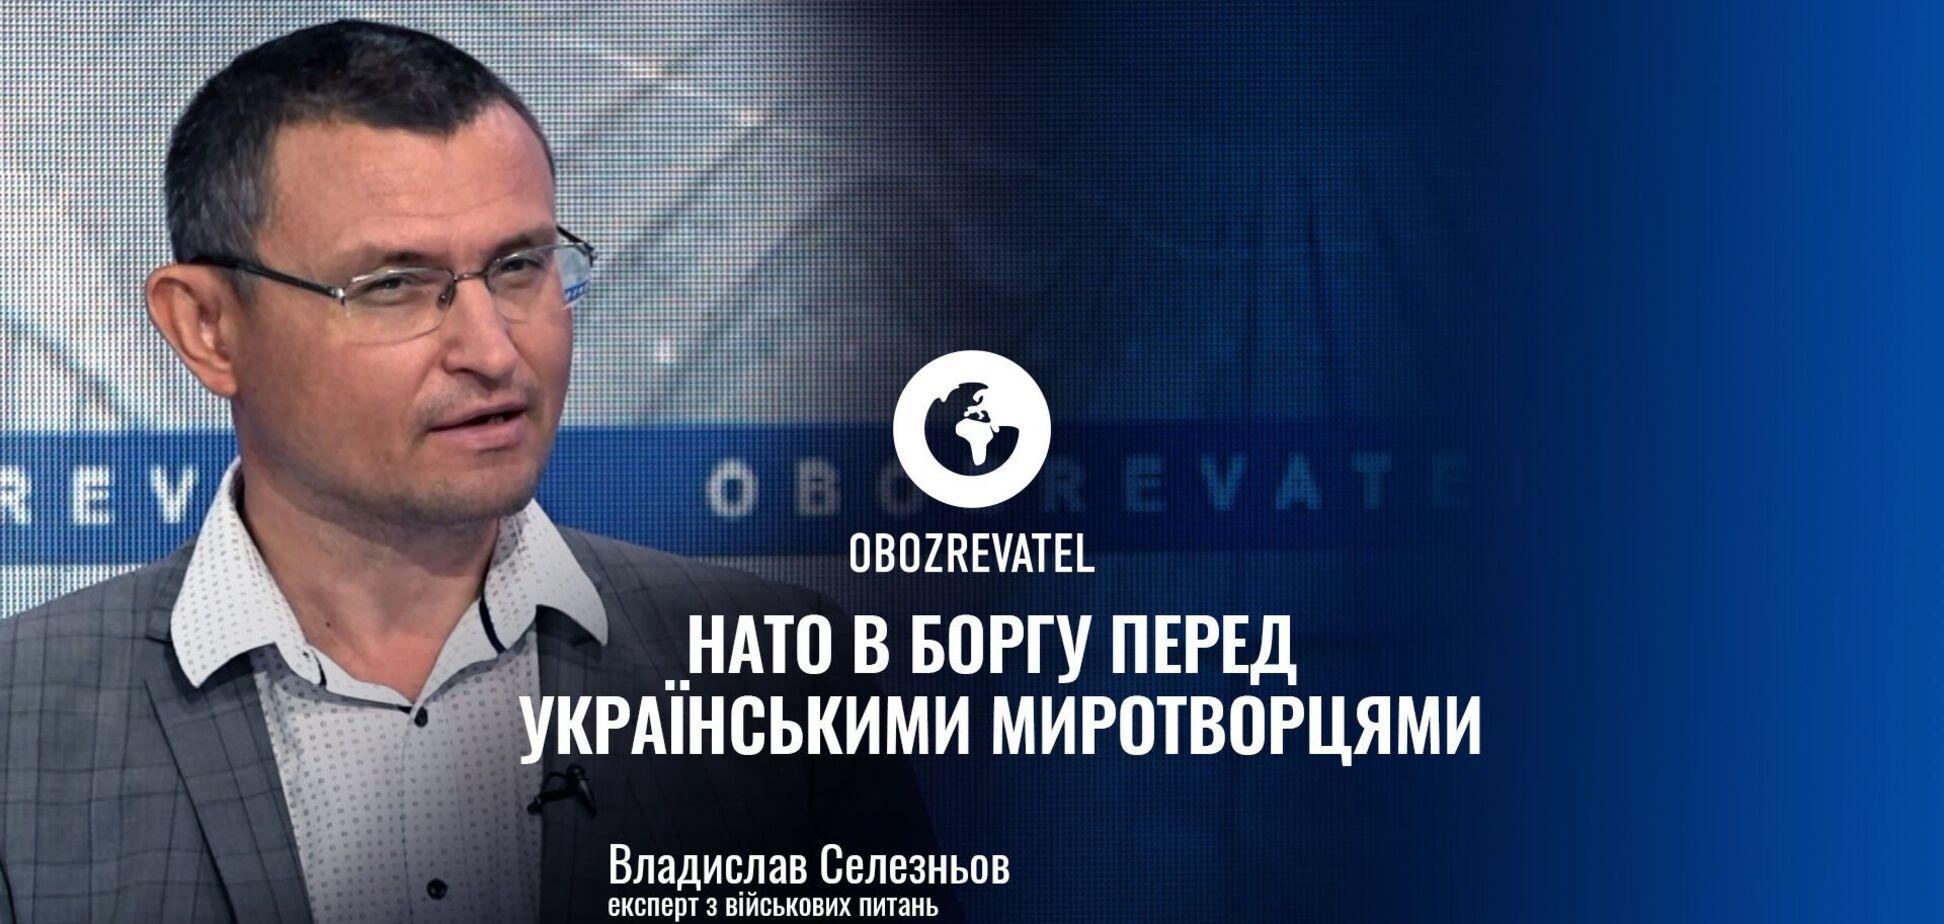 НАТО в долгу перед украинскими миротворцами, – военный эксперт